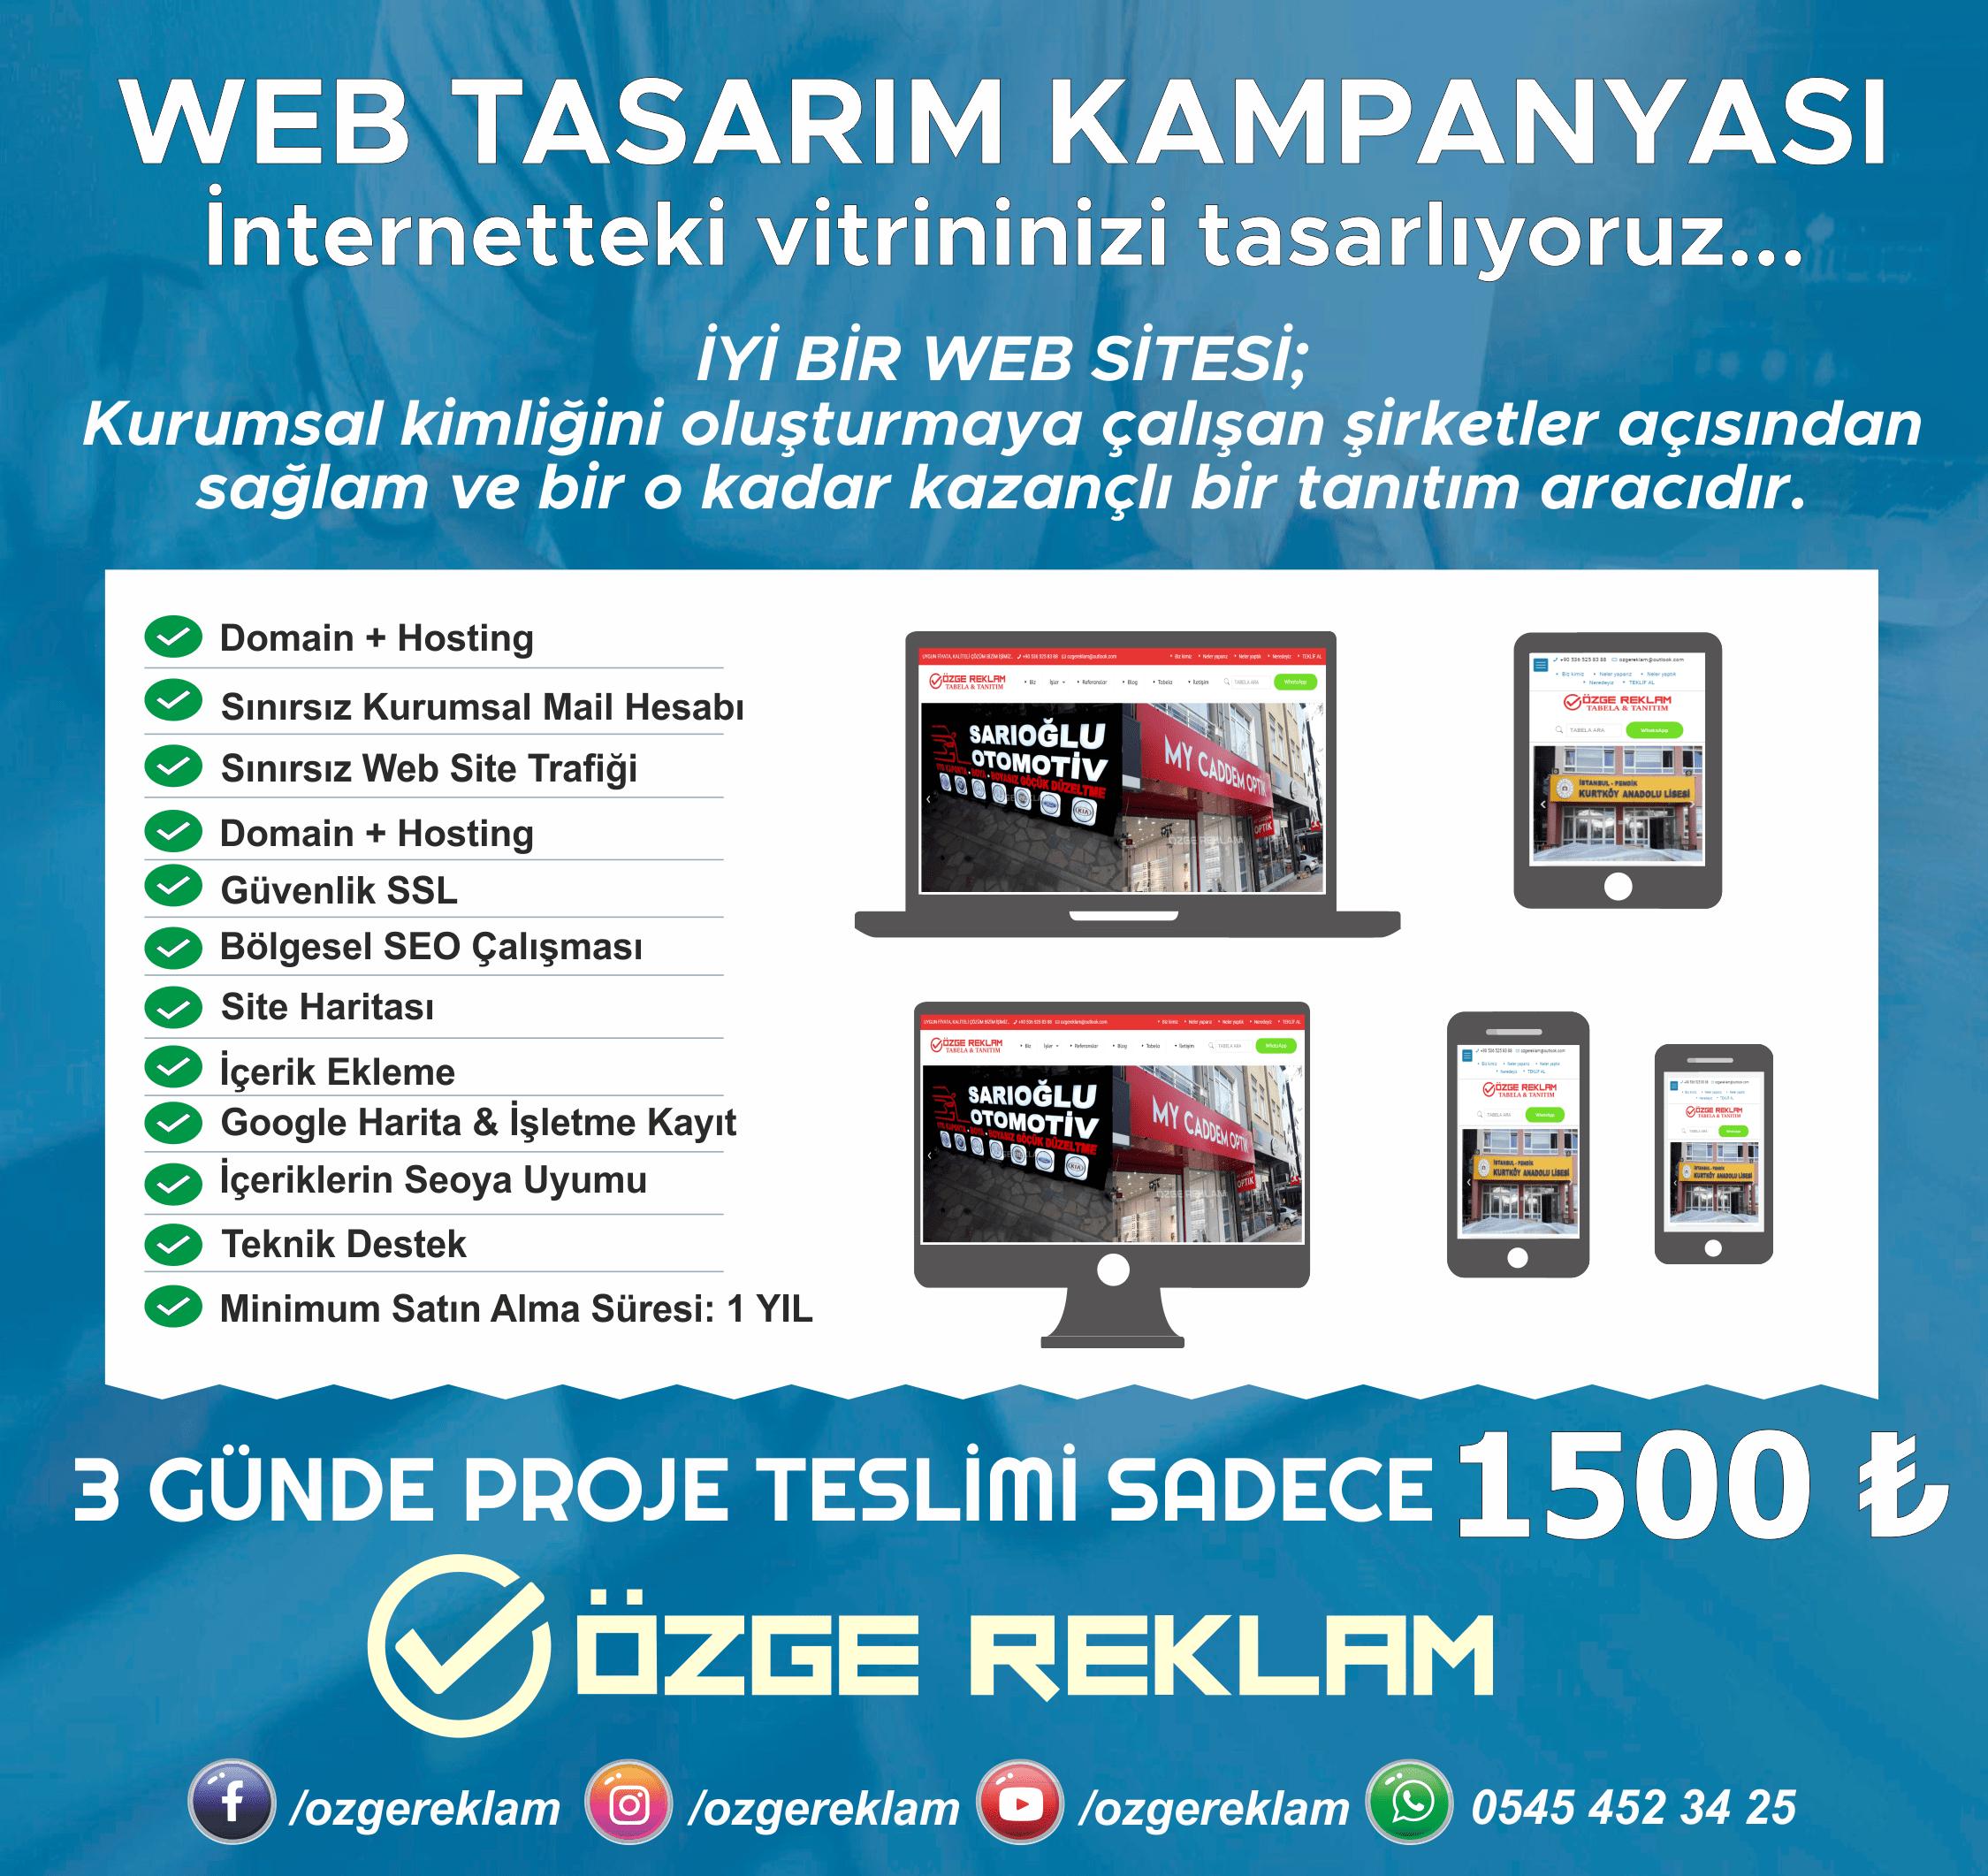 ÖZGE REKLAM WEB TASARIM